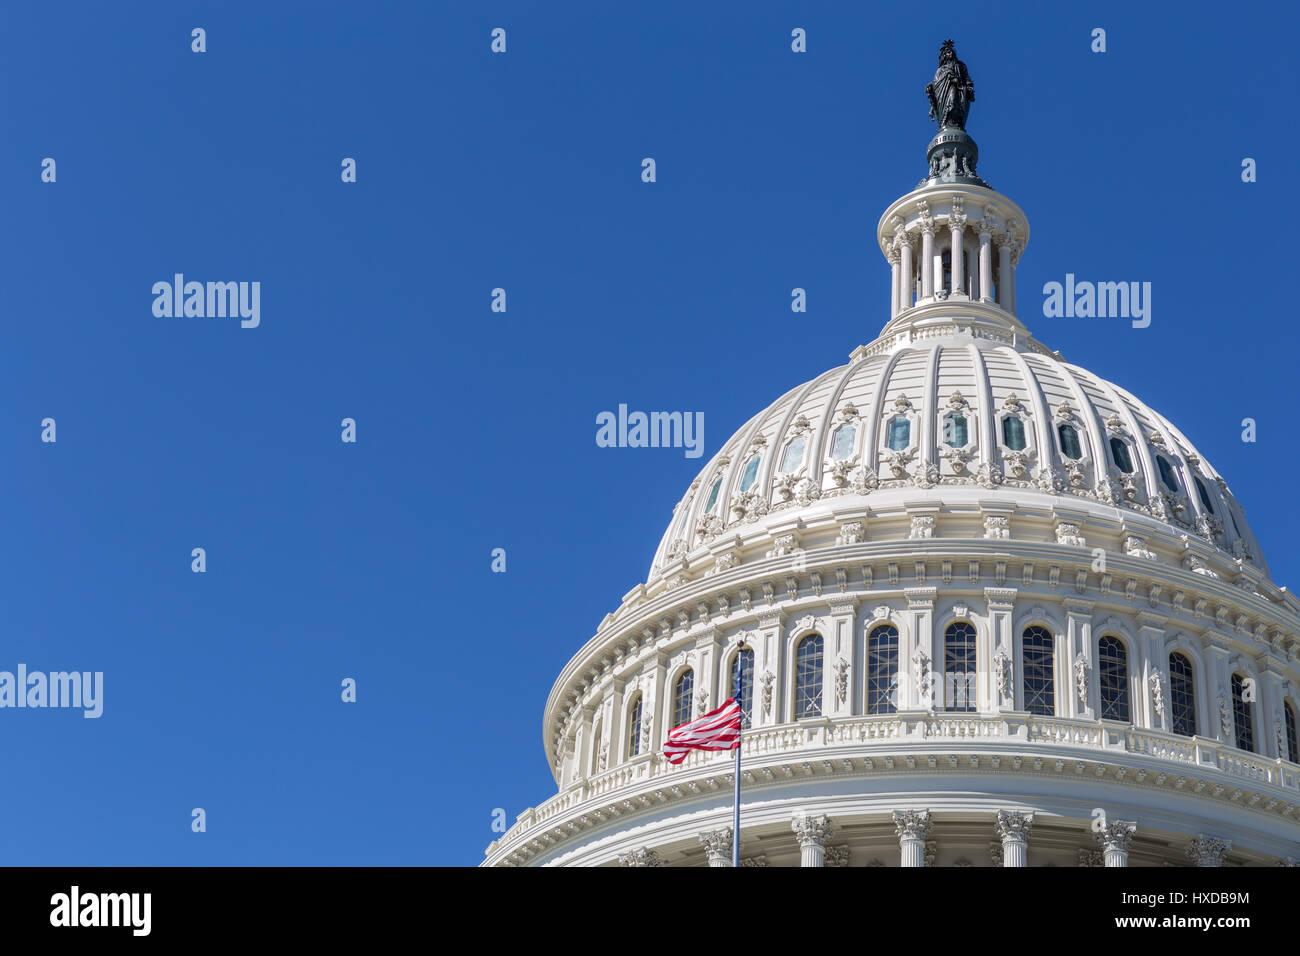 Un desplazamiento vista de la cúpula del Capitolio en Washington, DC. Imagen De Stock